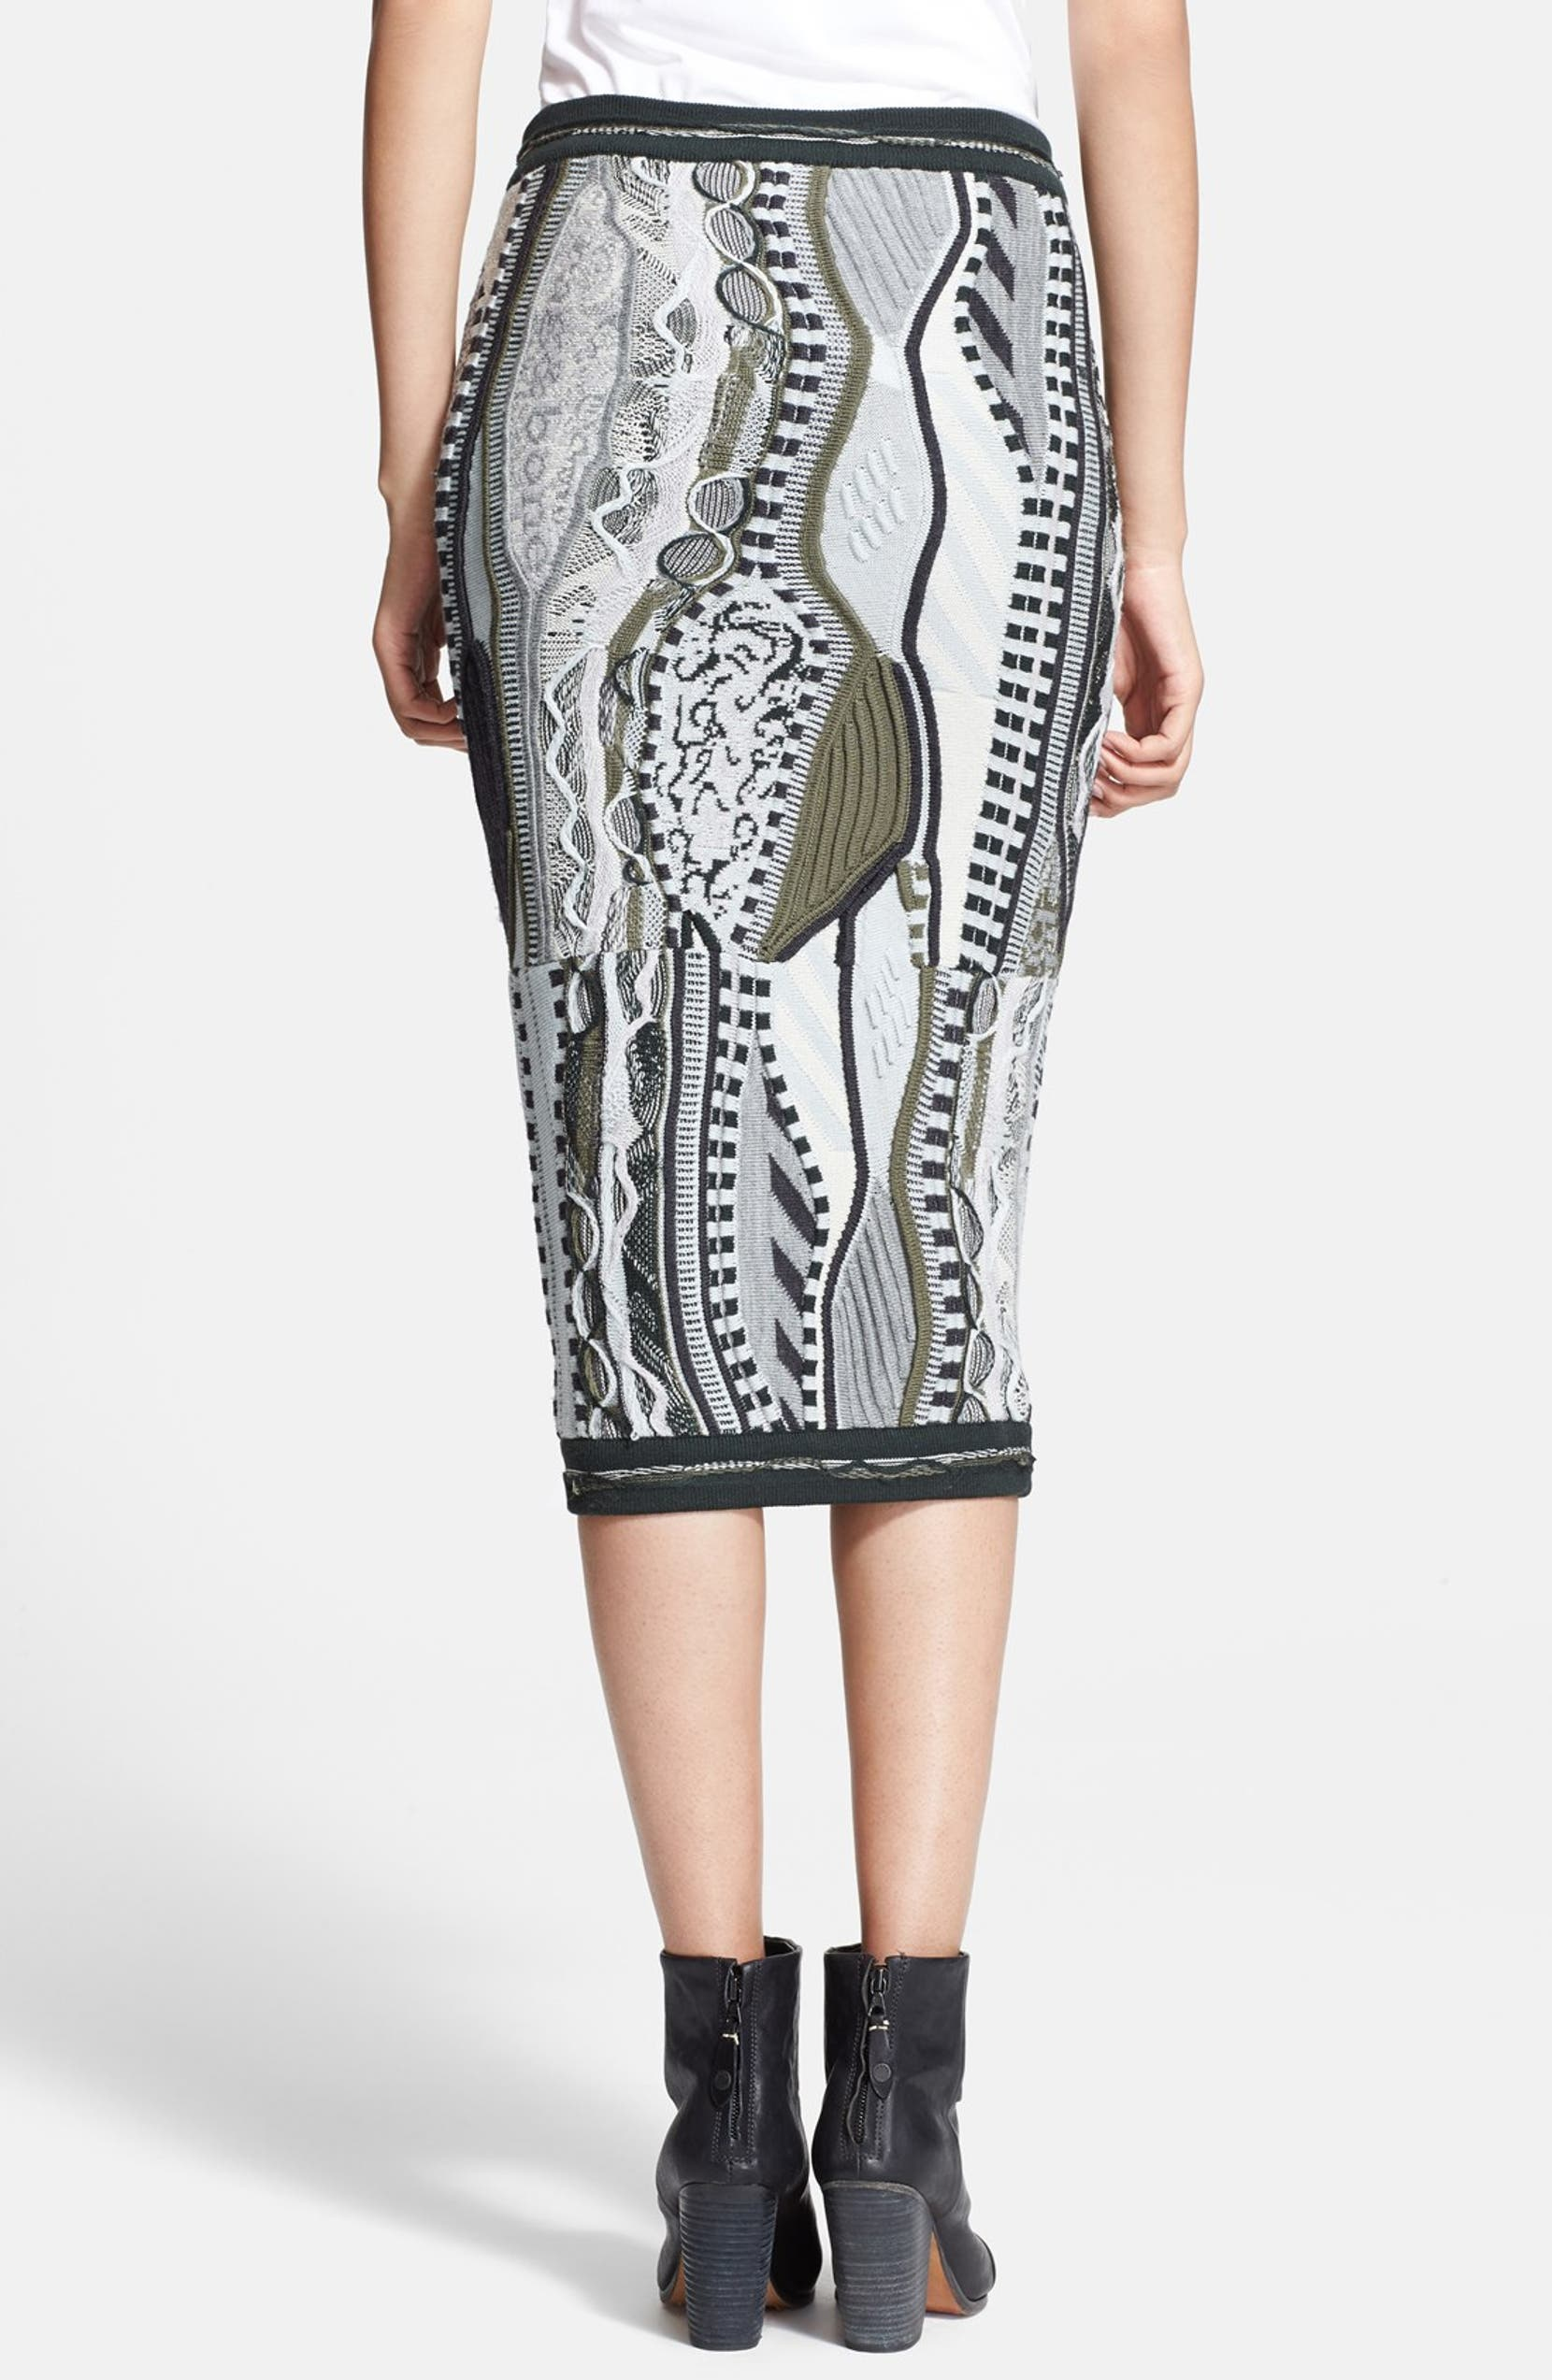 rag & bone x Coogi Knit Skirt | Nordstrom